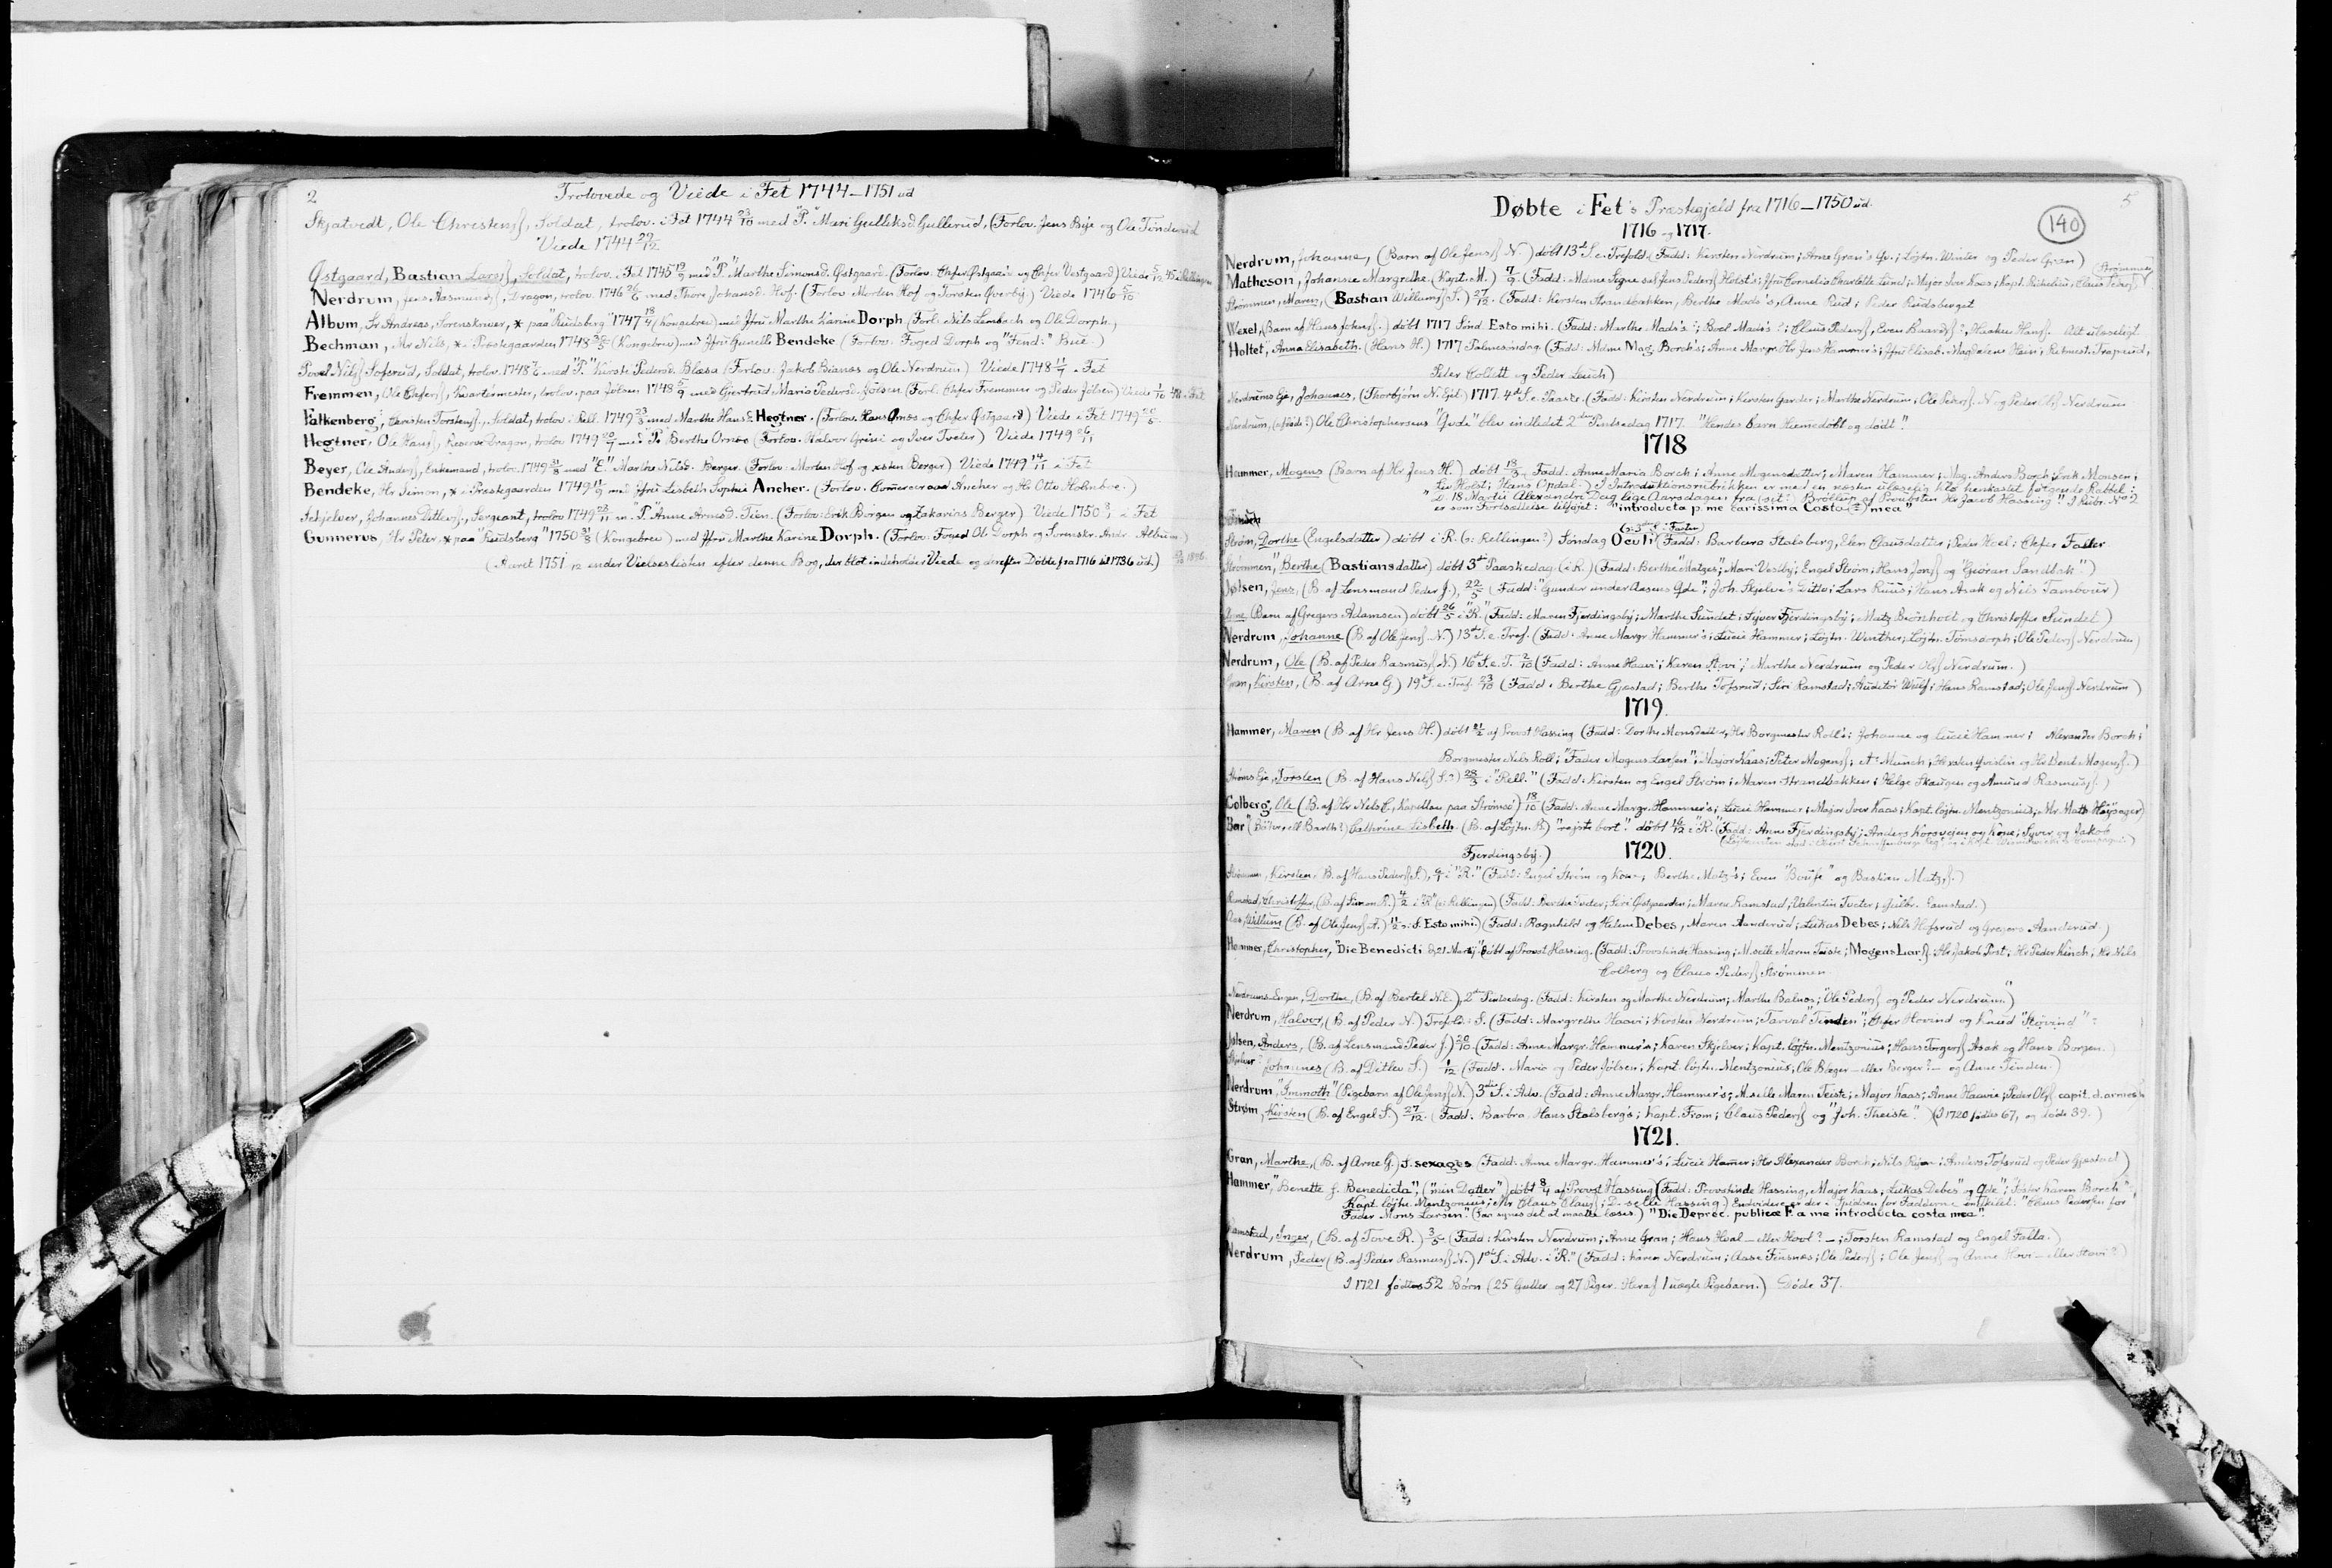 RA, Lassens samlinger, F/Fc, s. 140